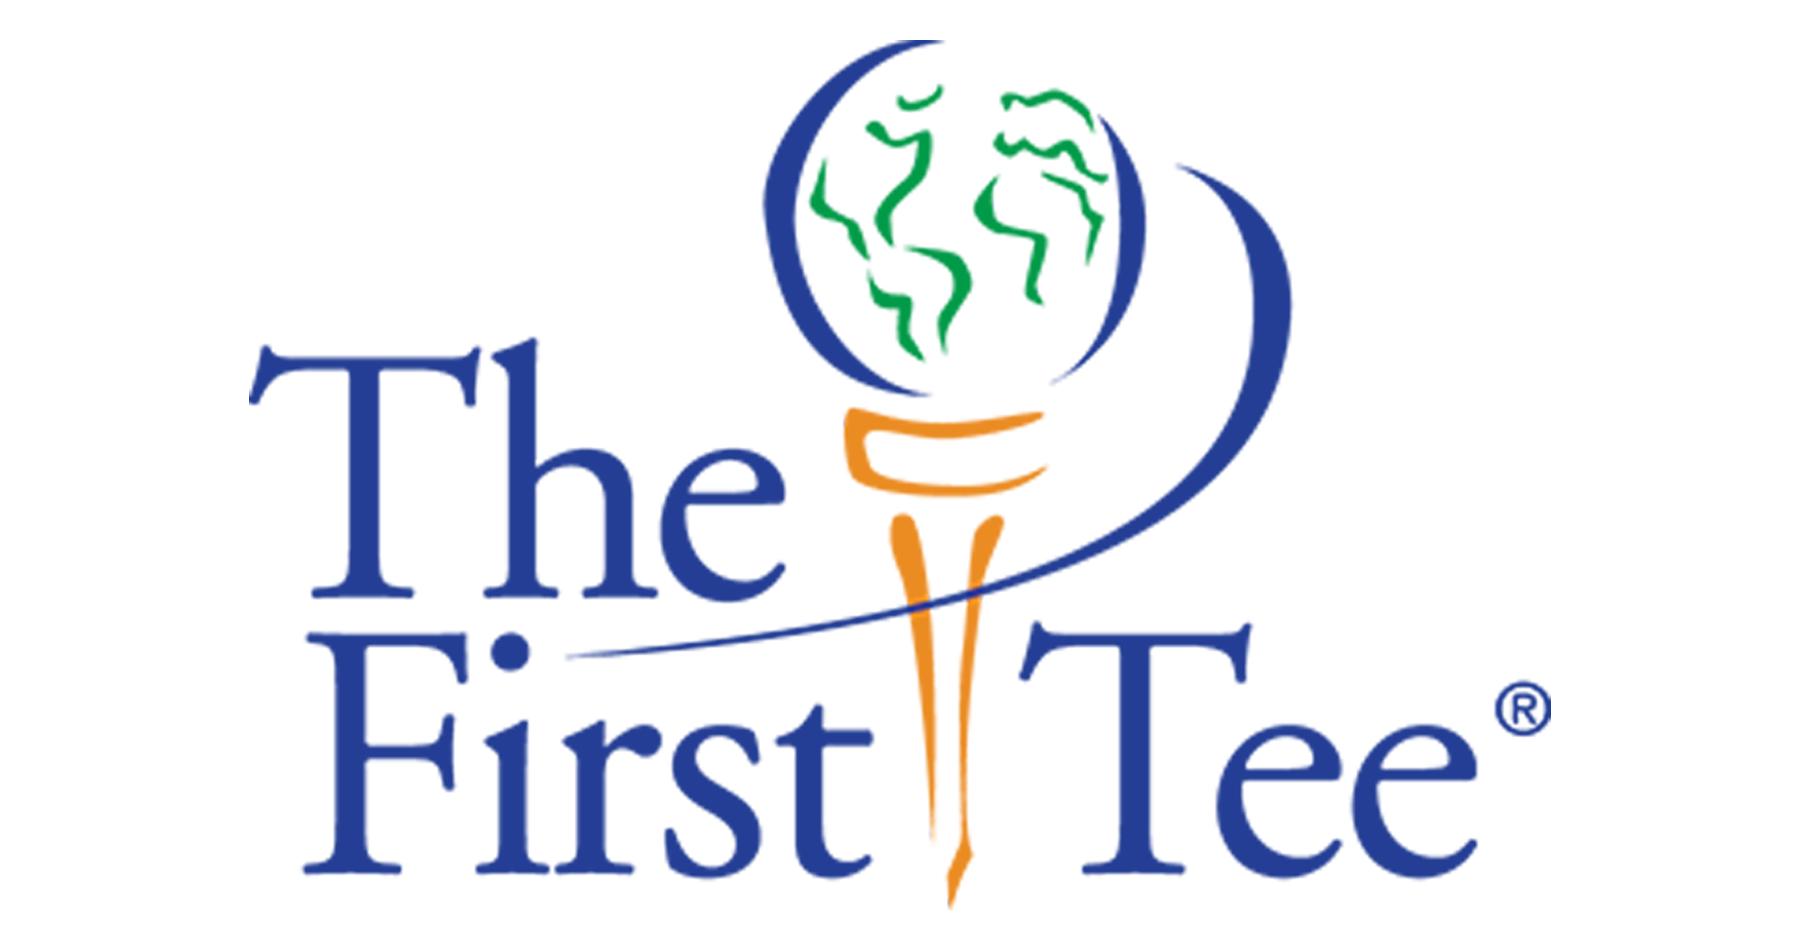 First Tee Logo